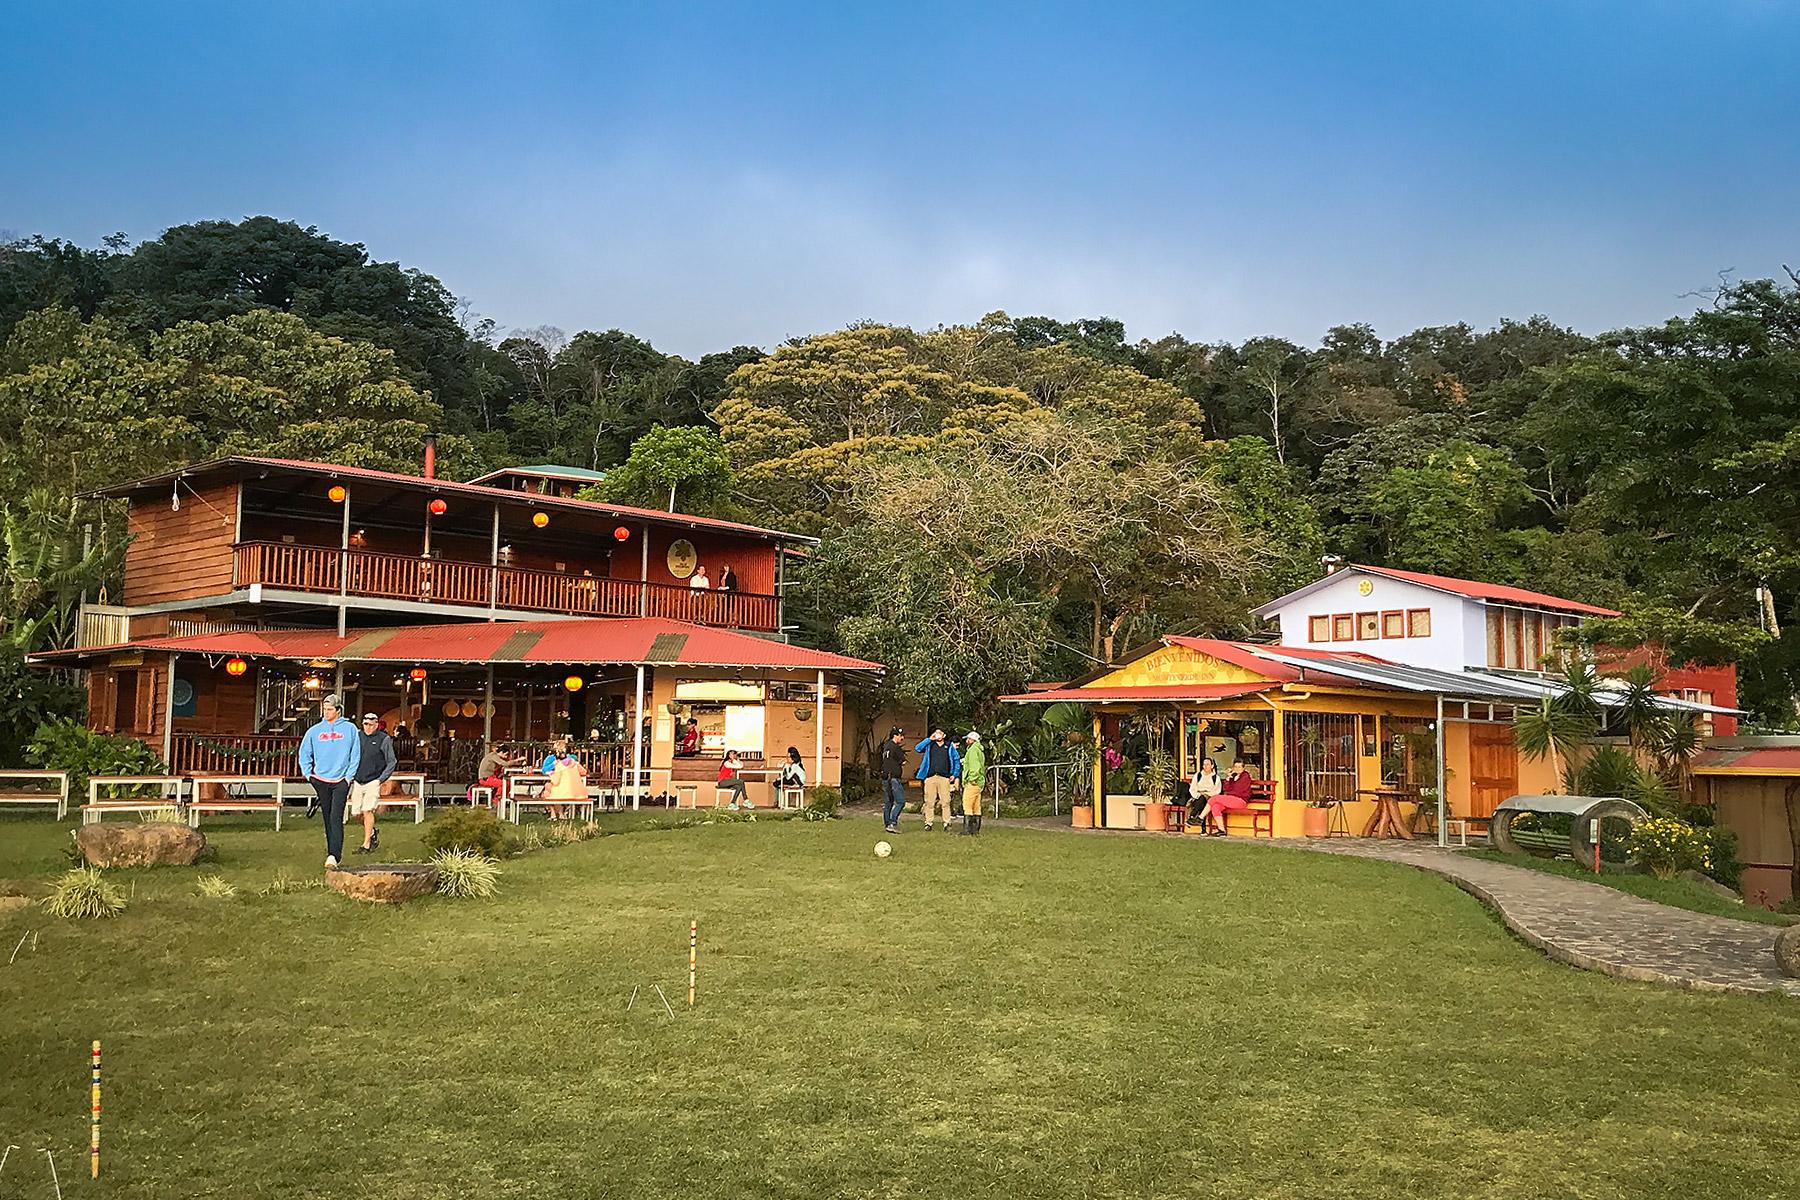 MonteverdeInnCostaRica.jpg